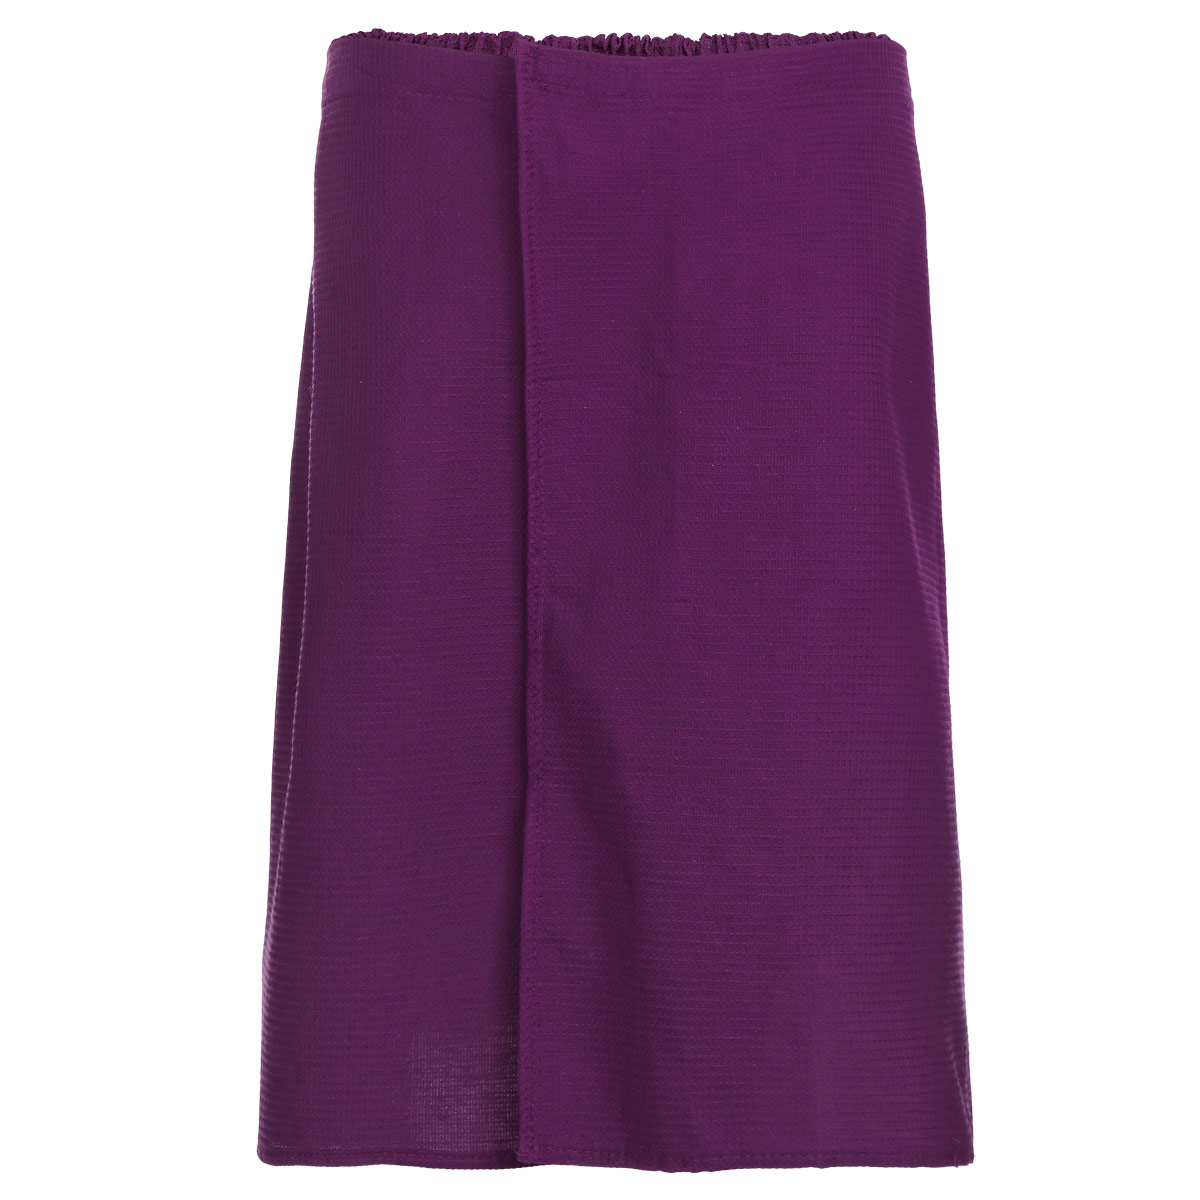 Килт для бани и сауны Банные штучки, мужской, цвет: фиолетовый килт для бани и сауны eva мужской цвет оливковый